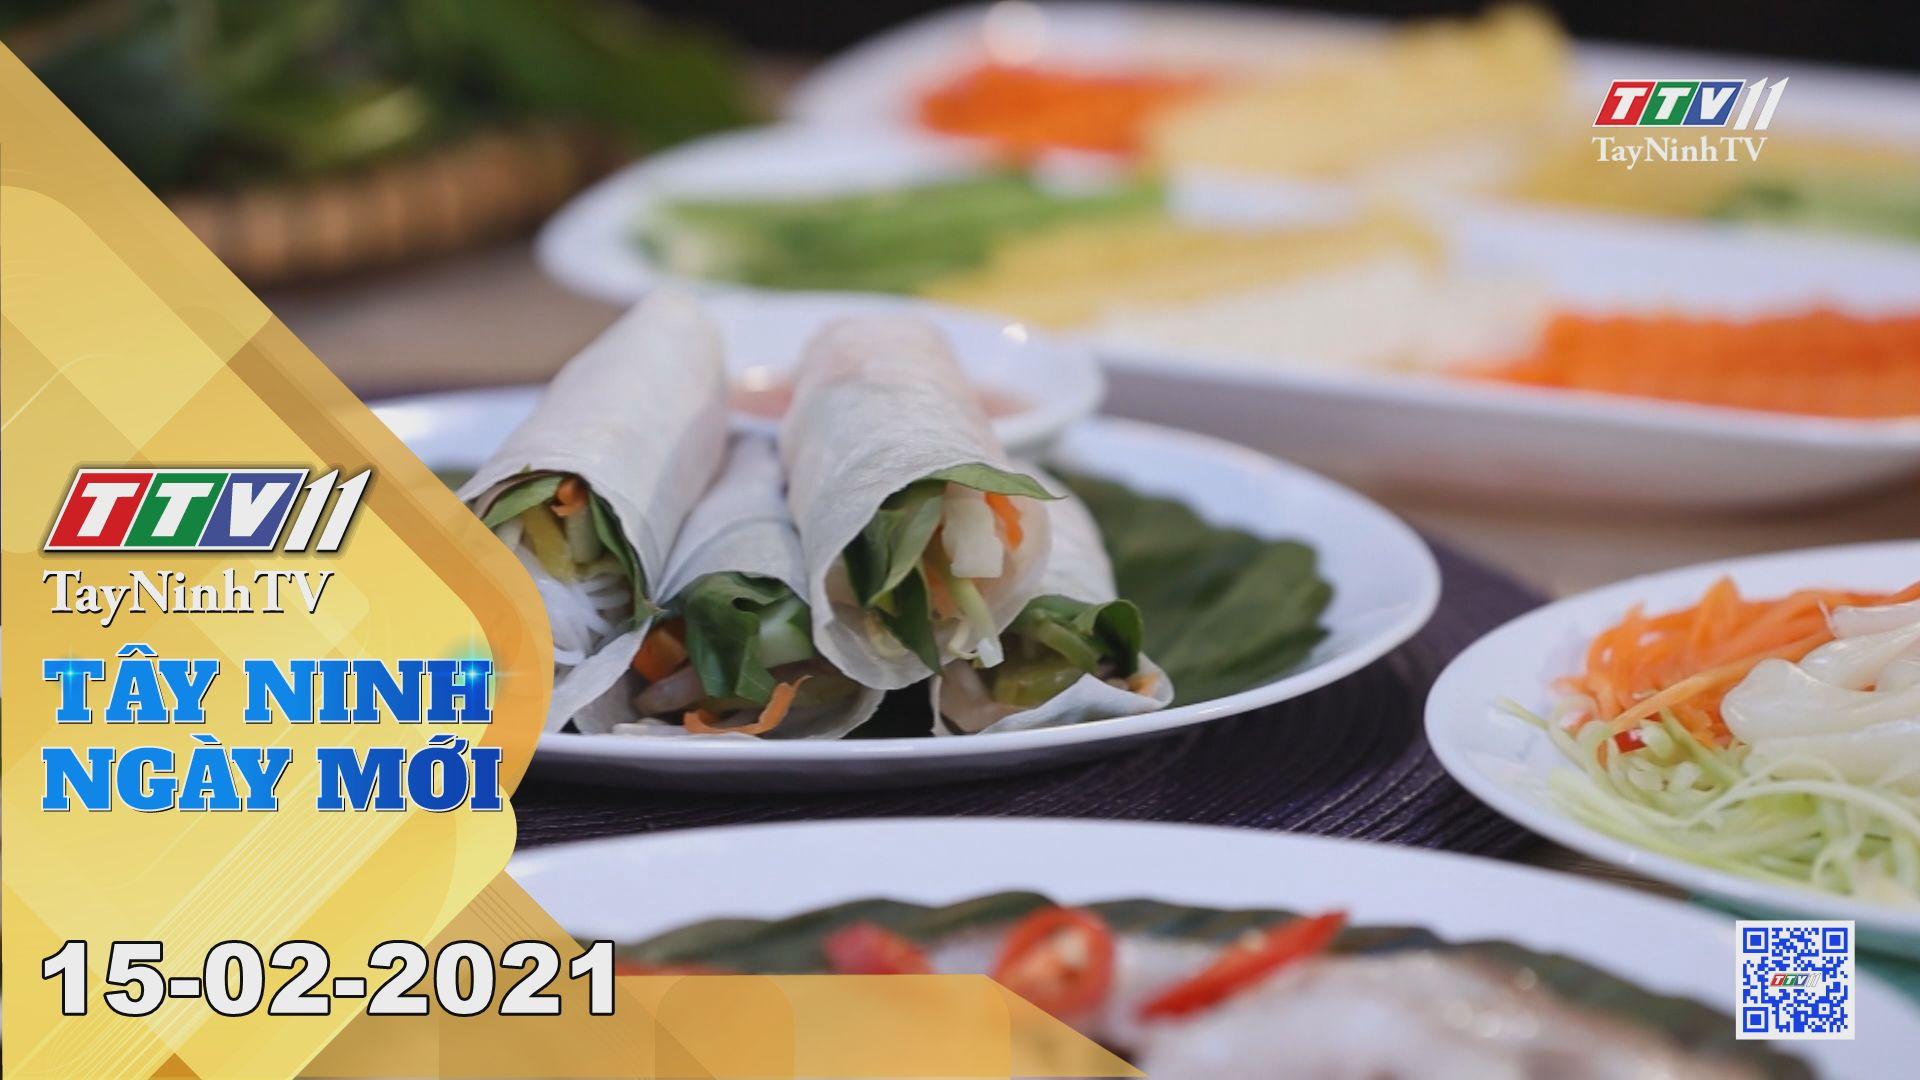 Tây Ninh Ngày Mới 15-02-2021   Tin tức hôm nay   TayNinhTV